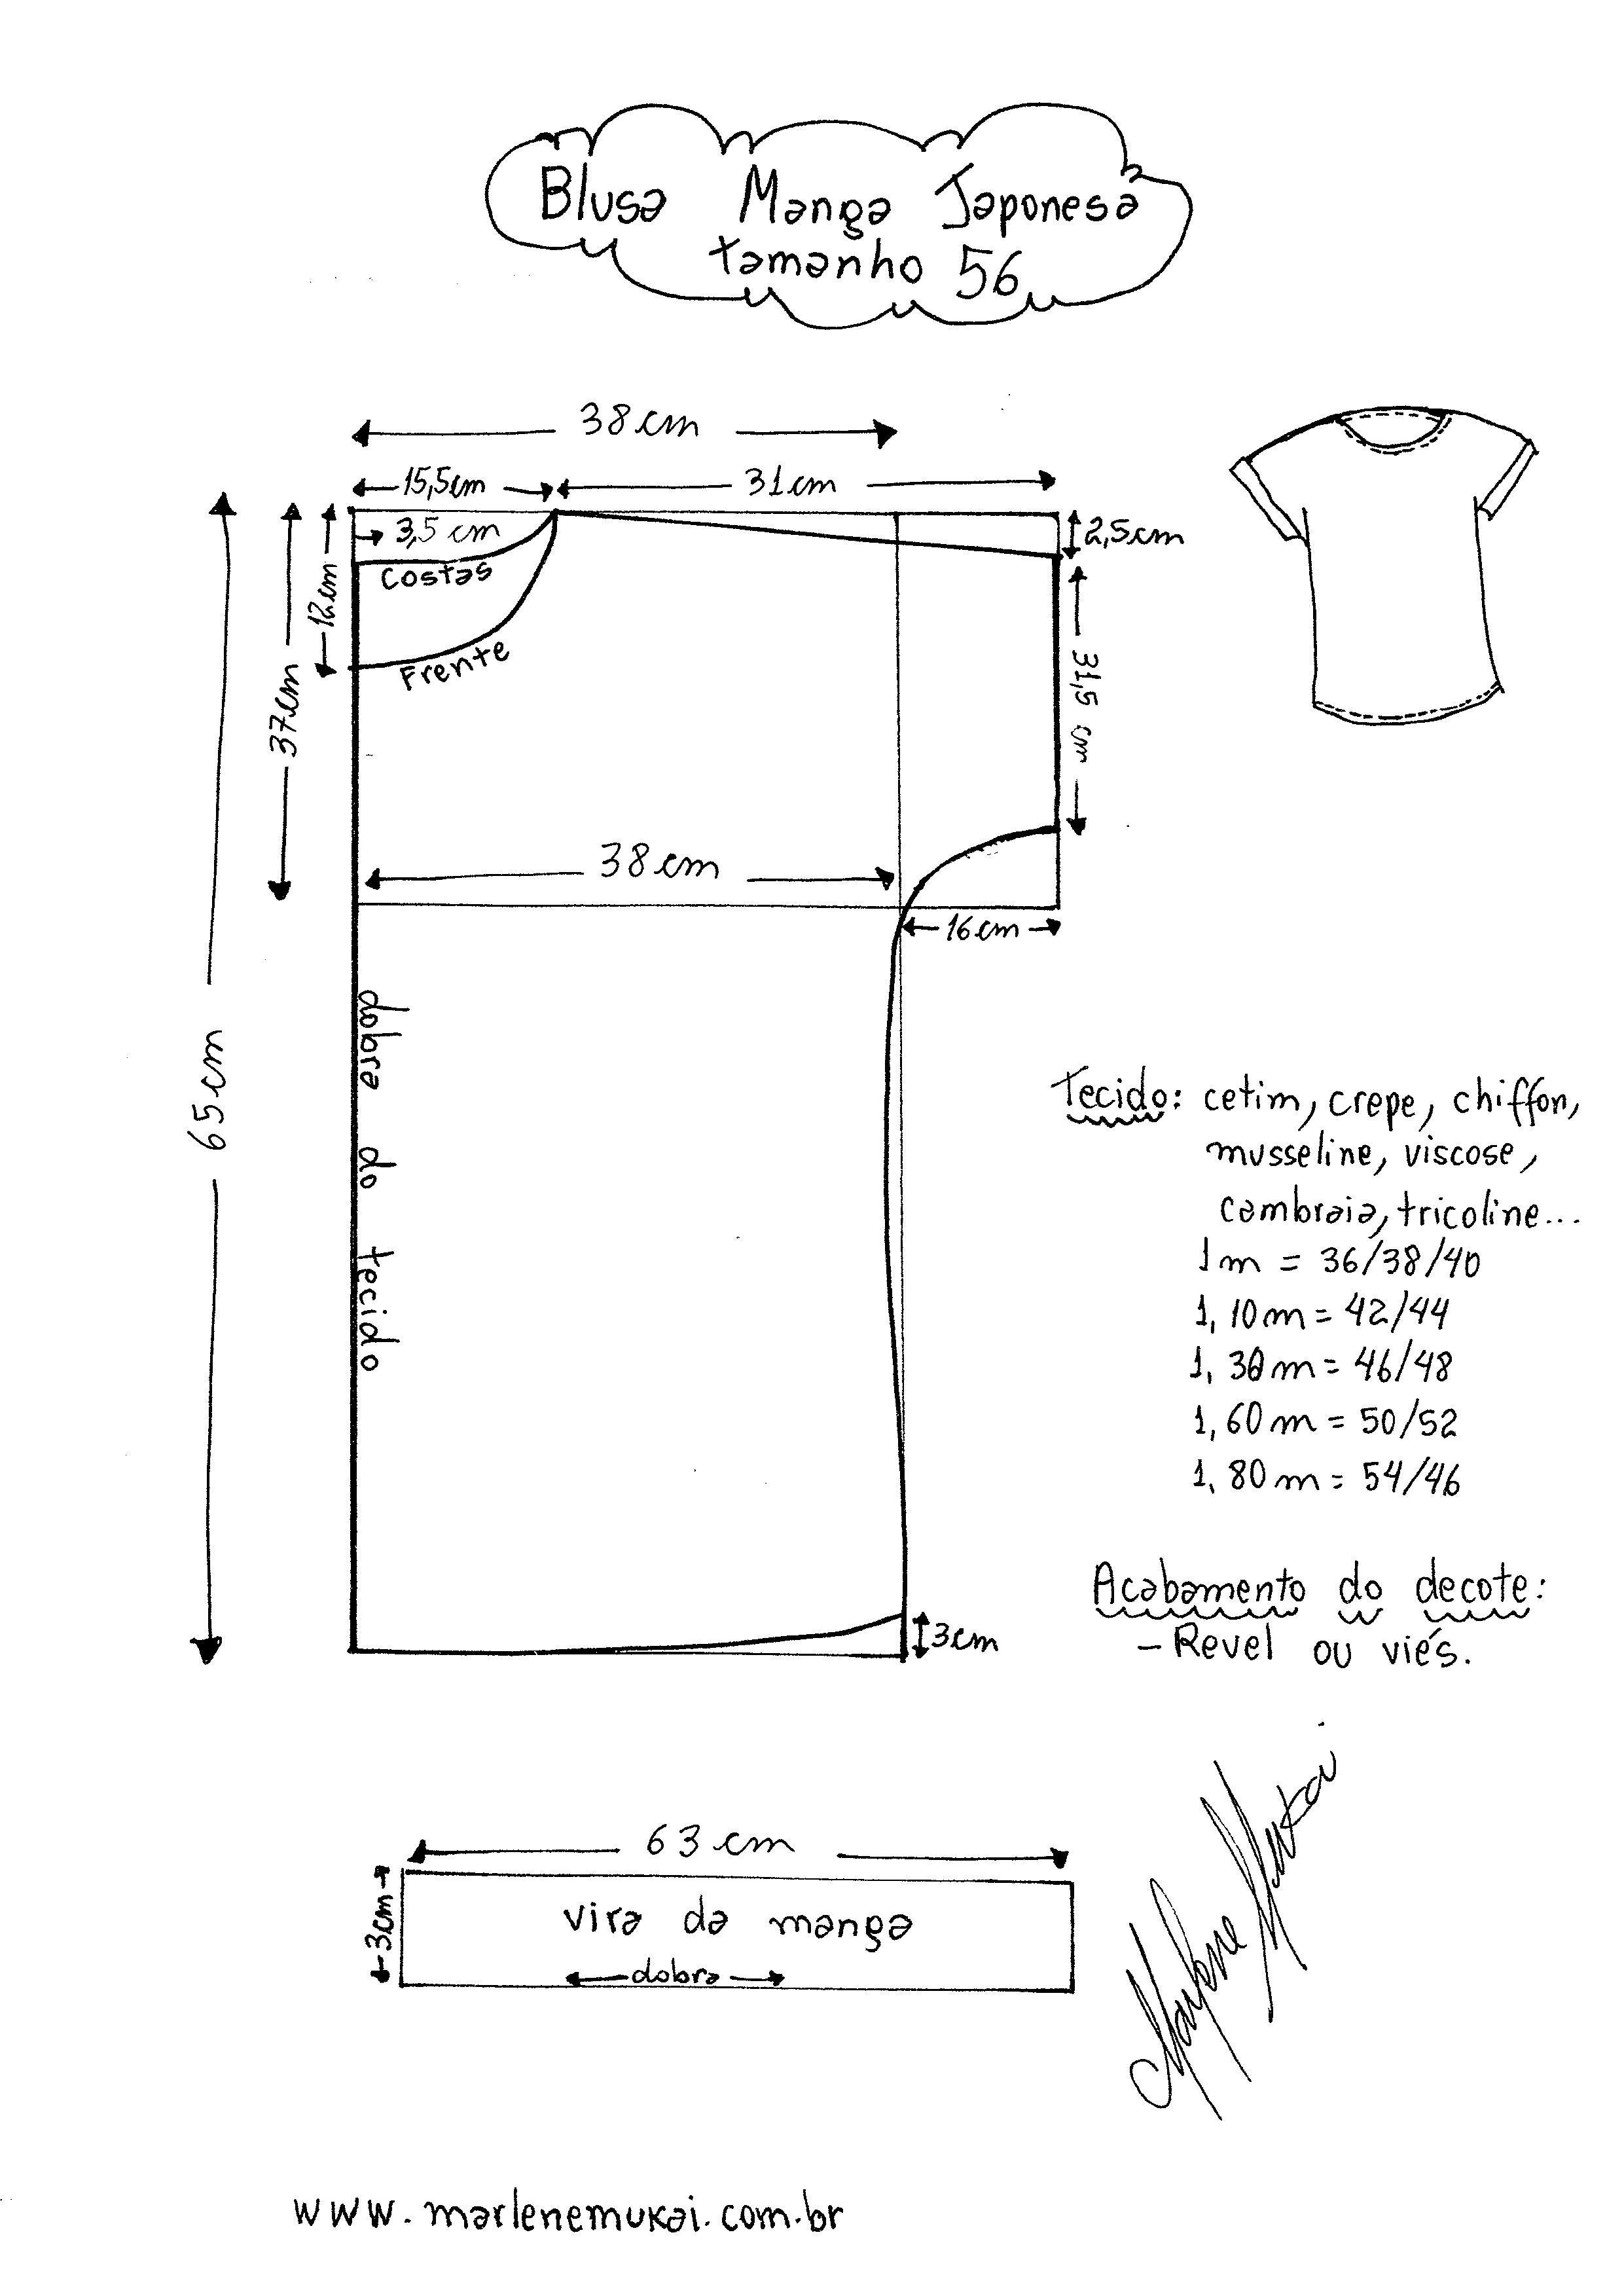 Blusa Manga Japonesa | minha pasta de modelo | Molde, Costura e ...